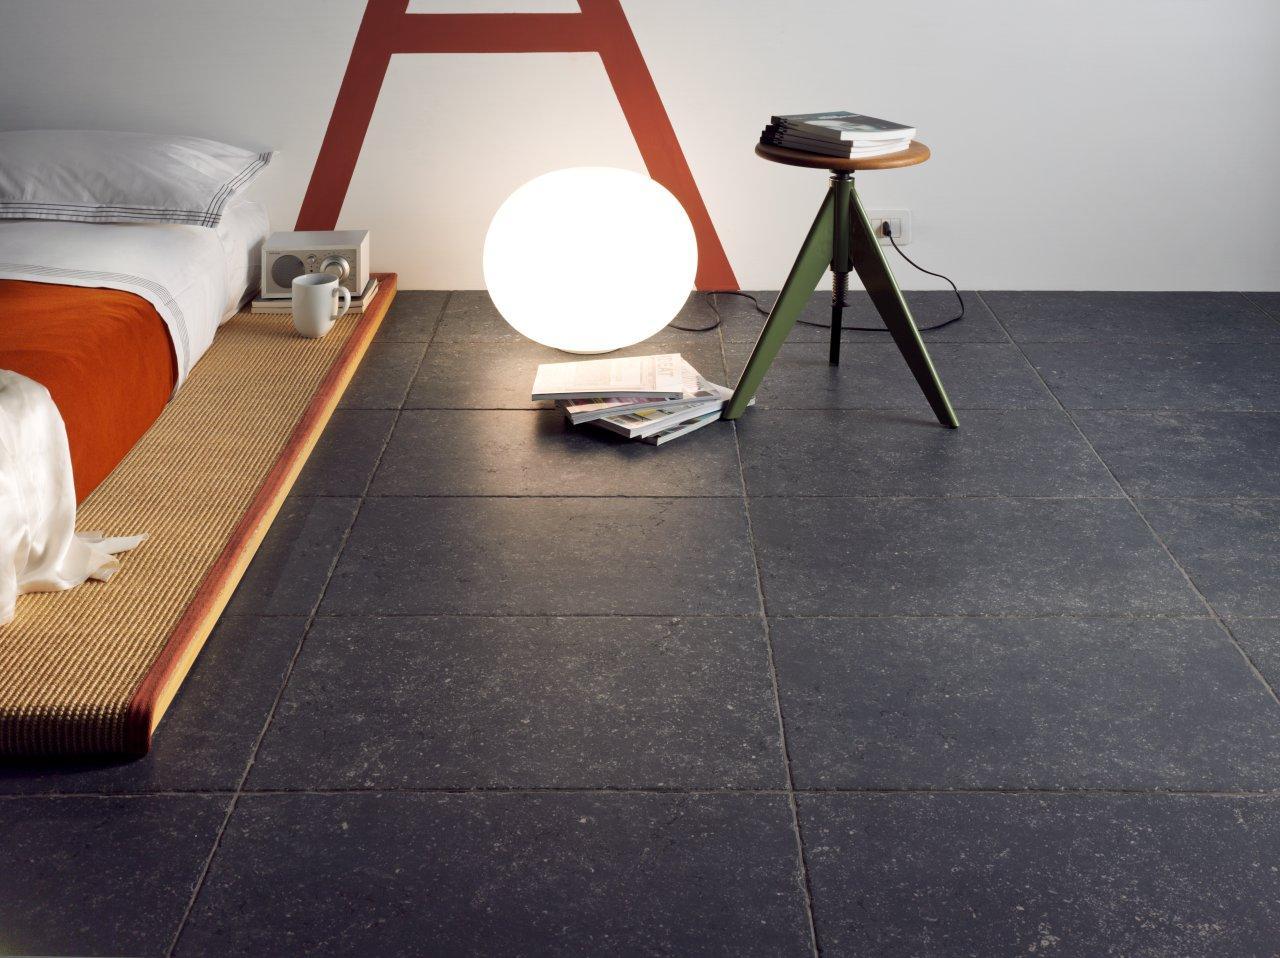 Tegels met natuursteen look| Kol tegels